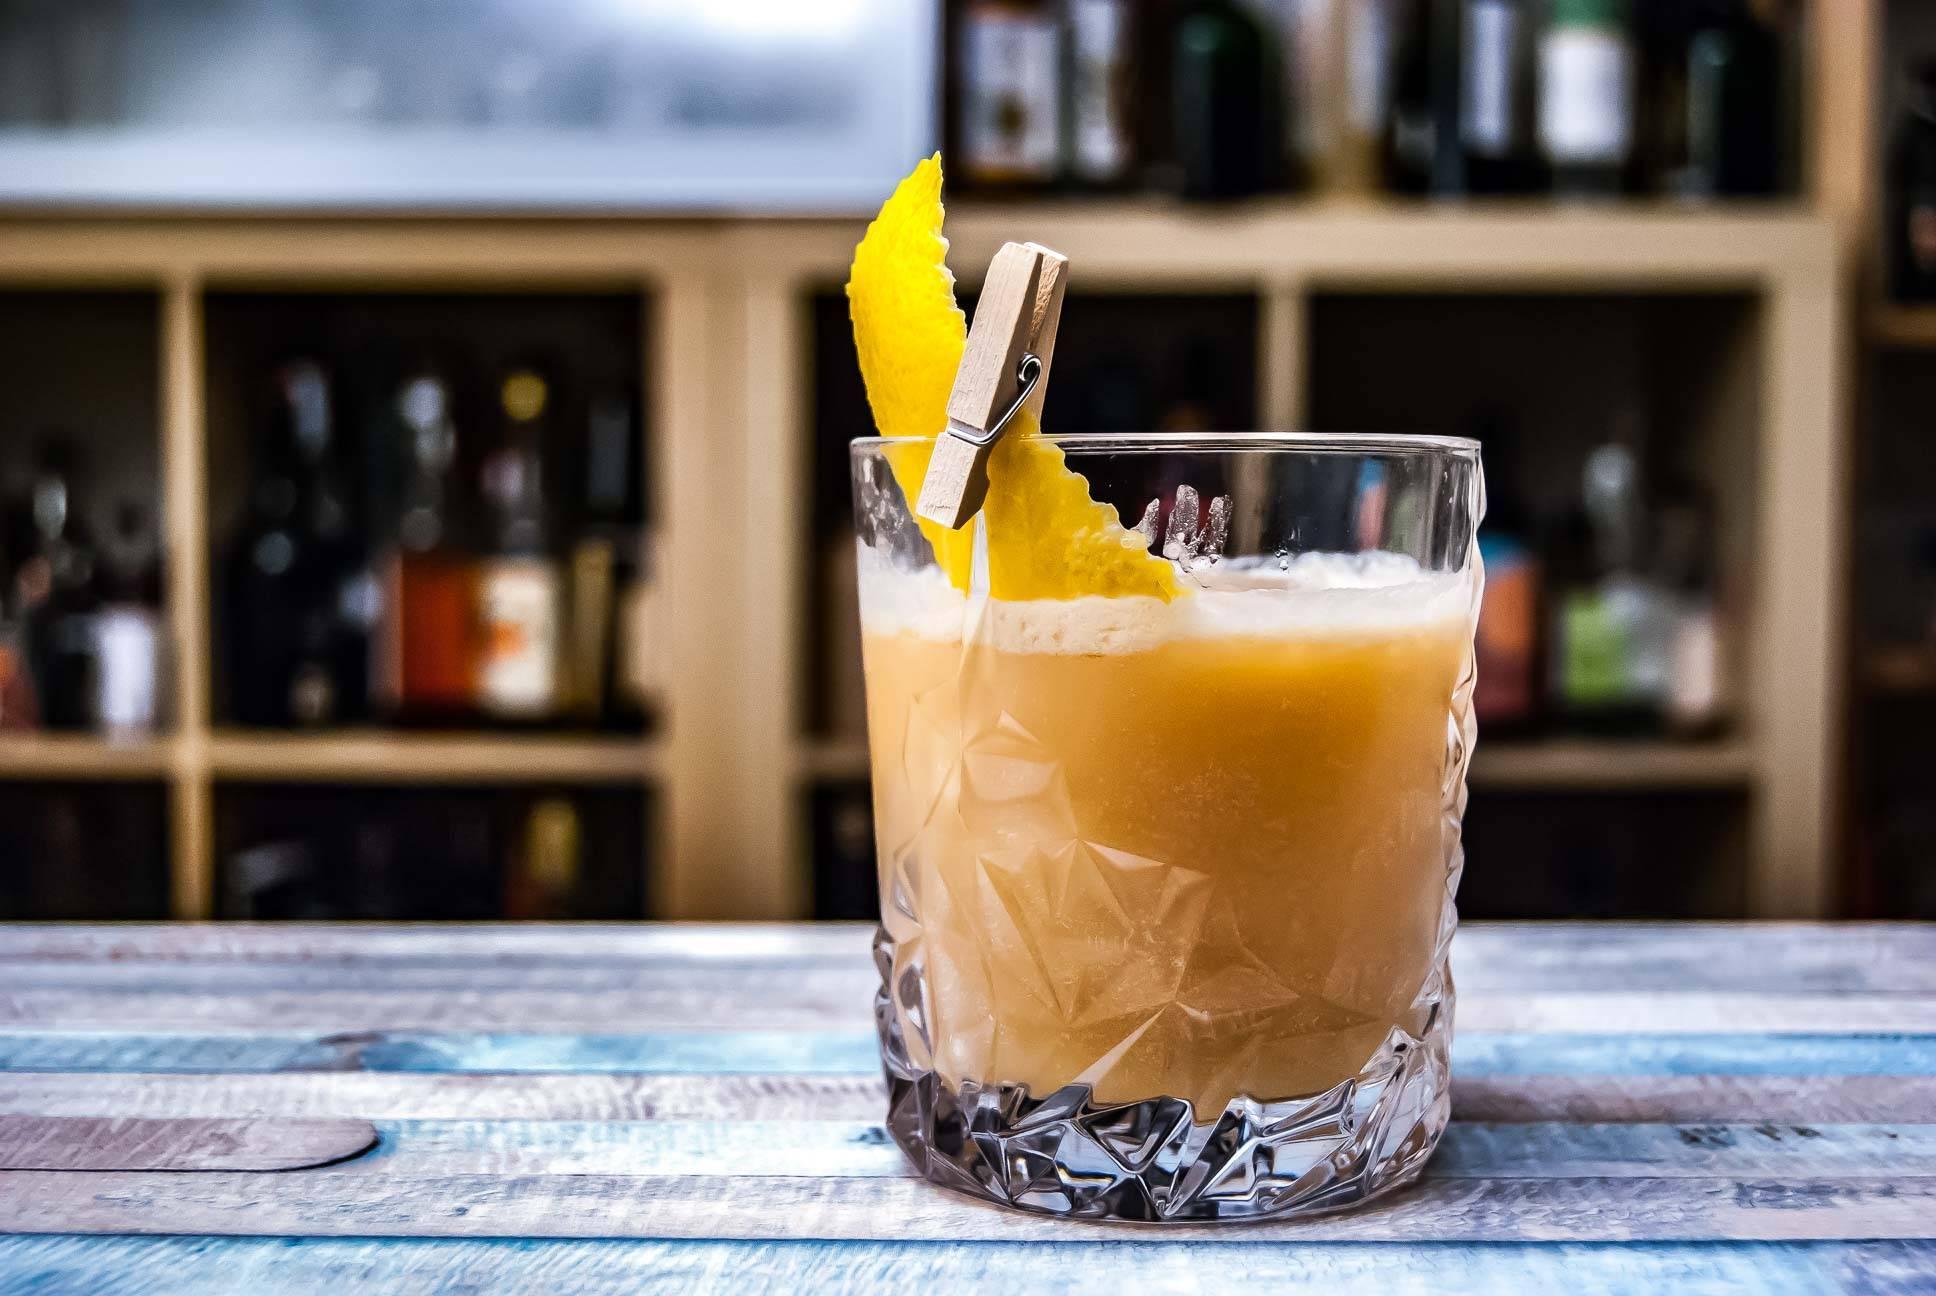 Рецепты лучших коктейлей на основе виски — читаем по порядку